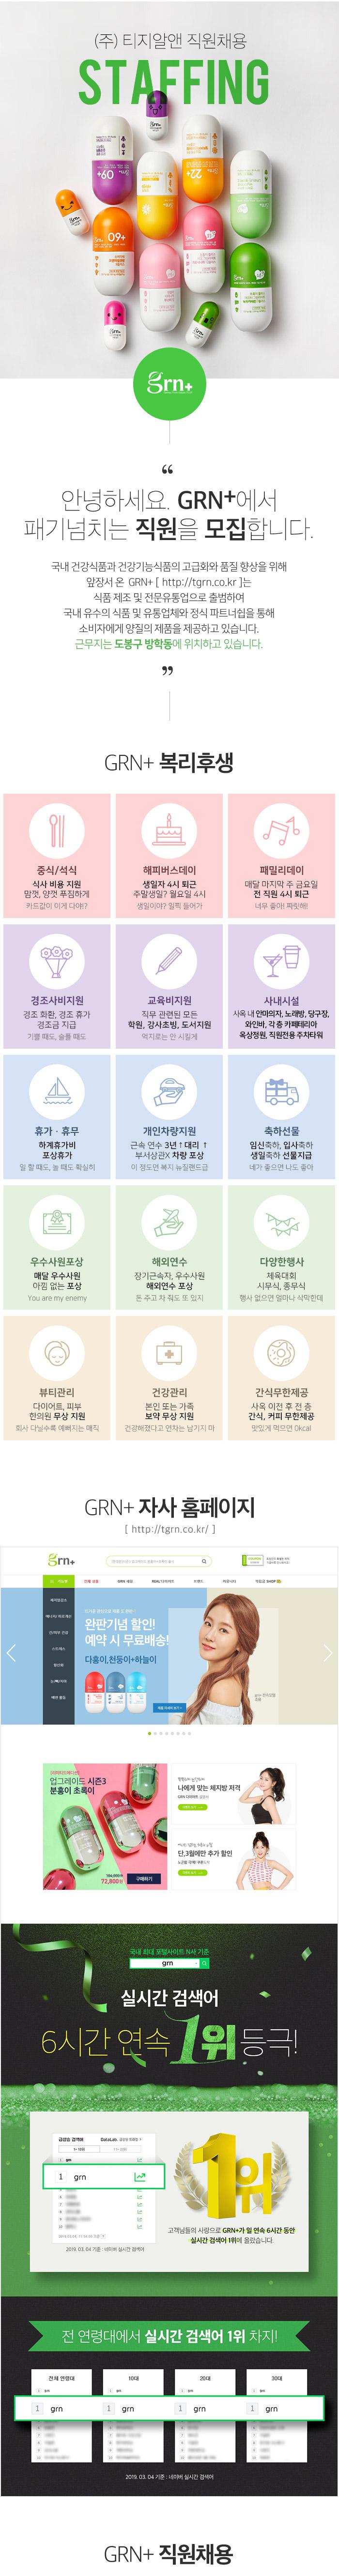 [티지알앤]미디어 IMC 사업부 신입/경력직 채용